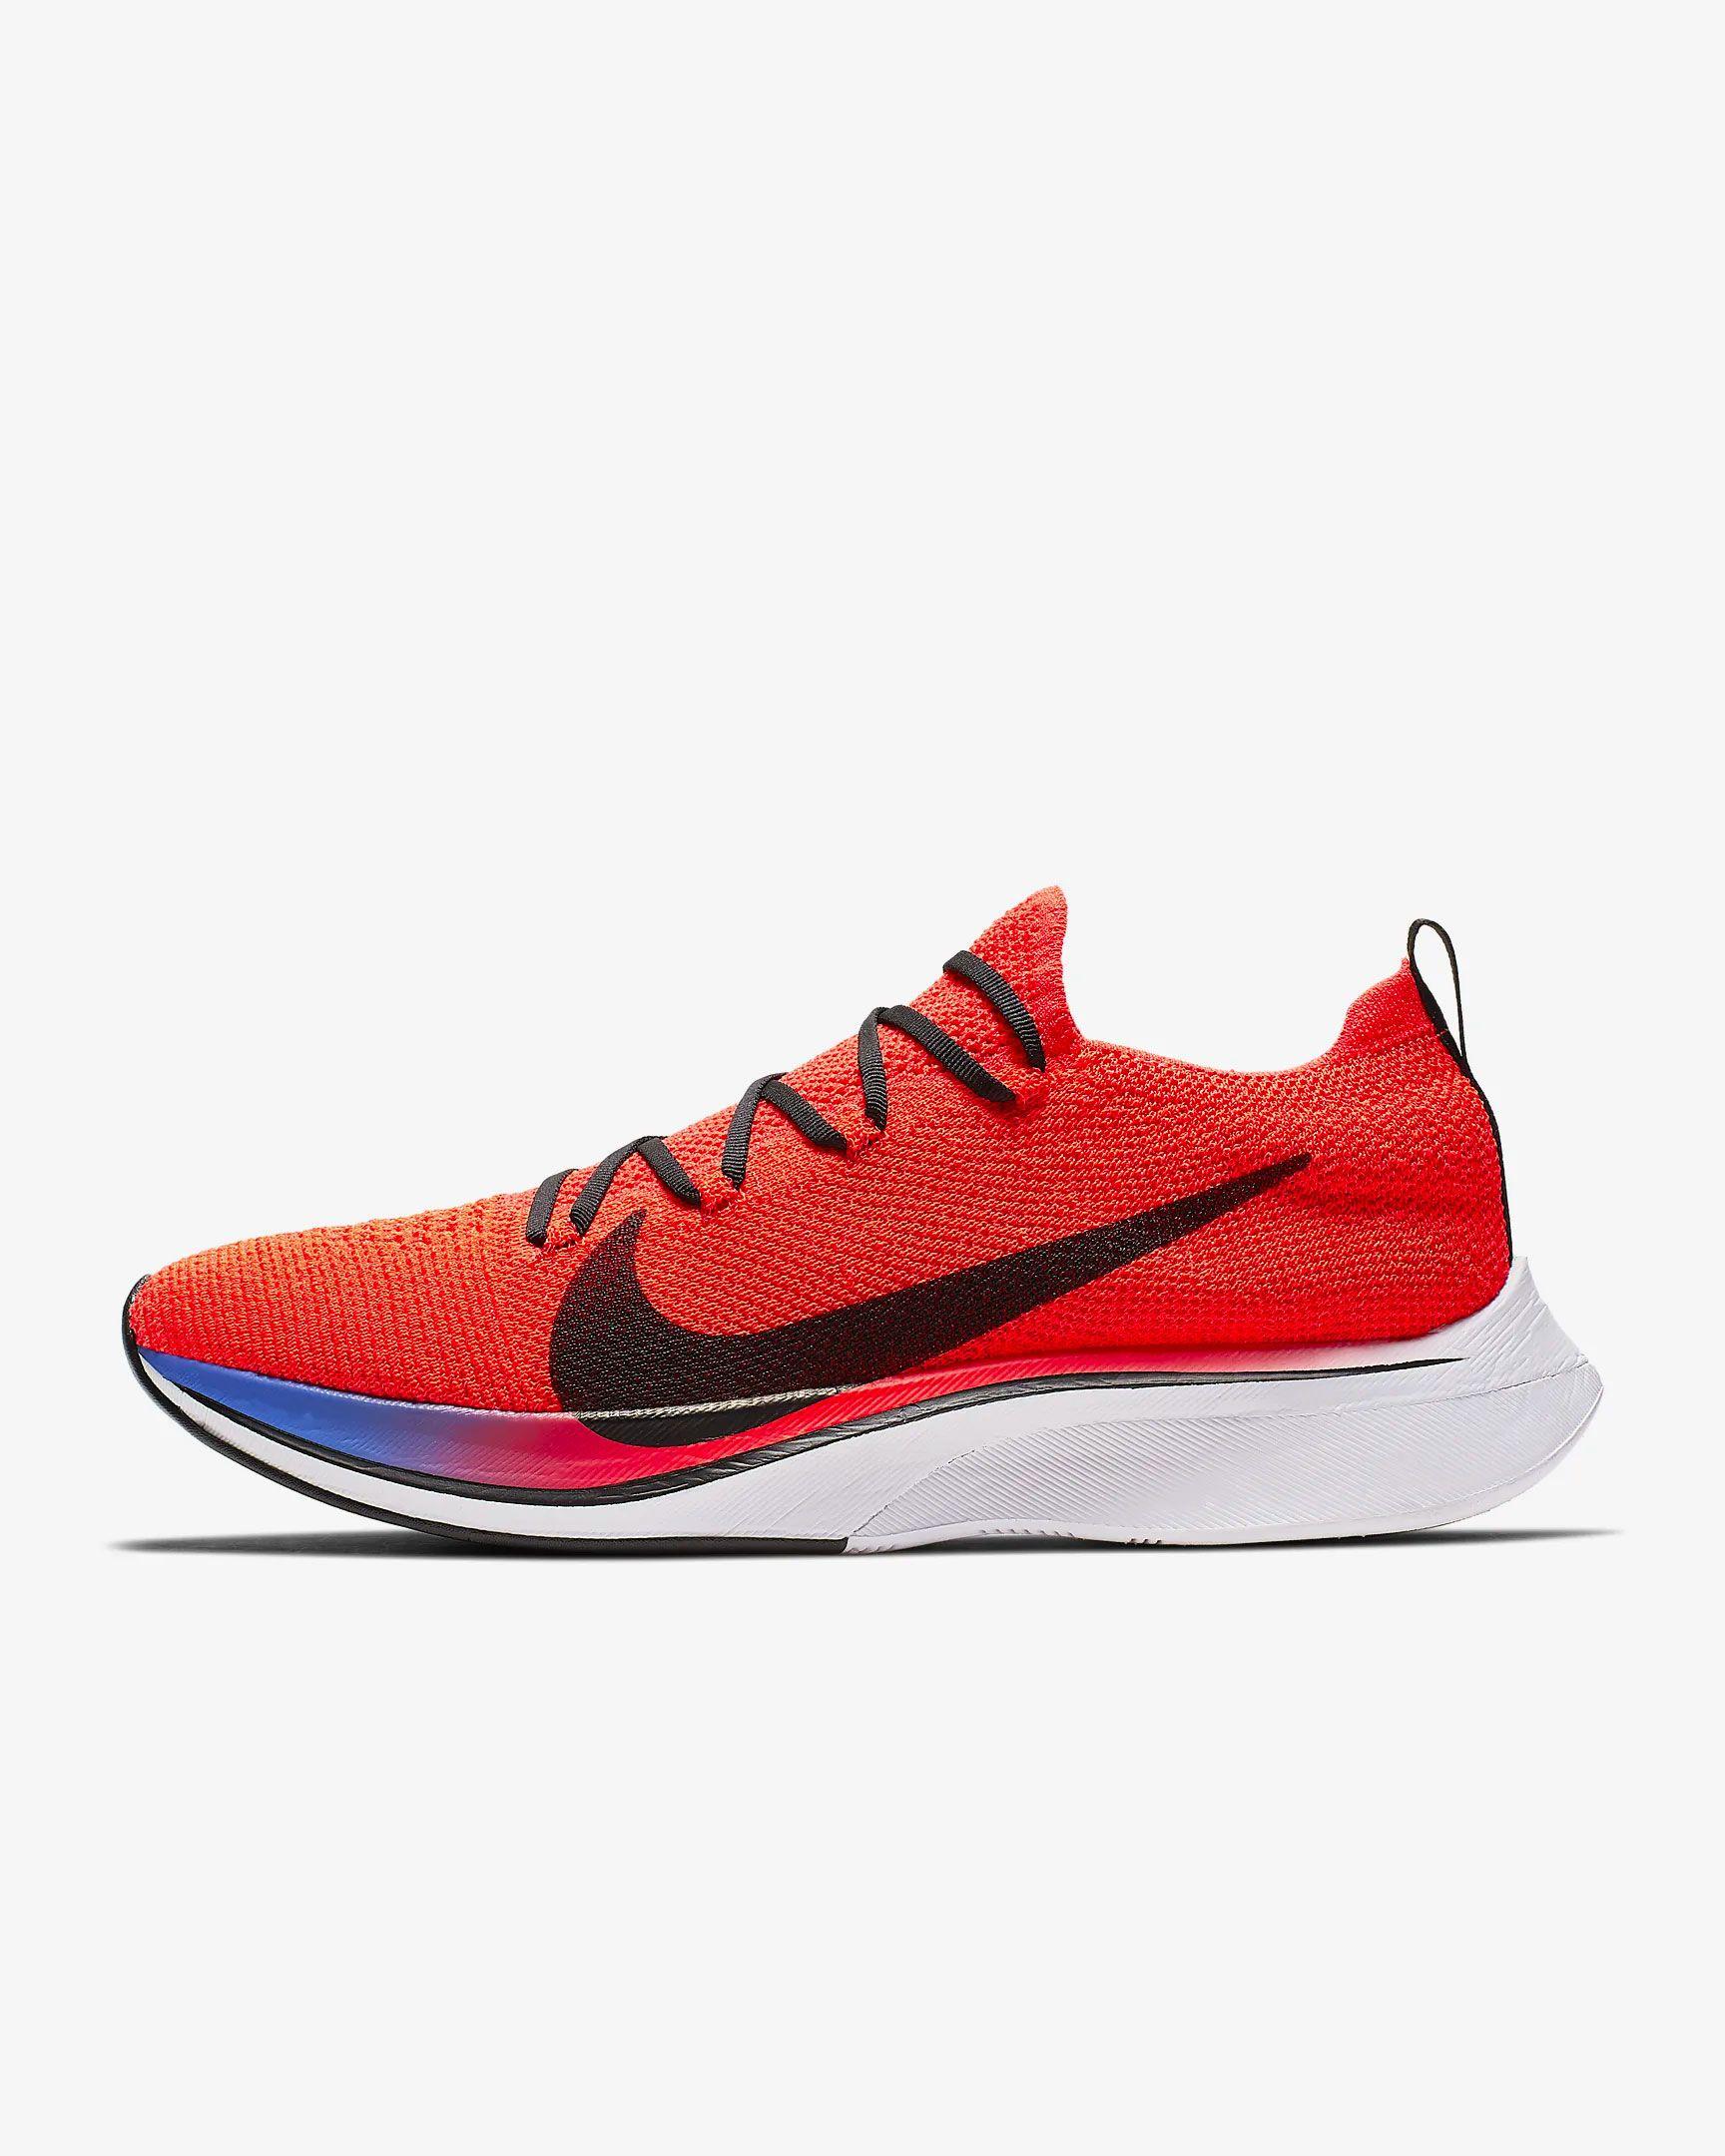 Vaporfly 4% Flyknit: las zapatillas de Nike a mitad de precio